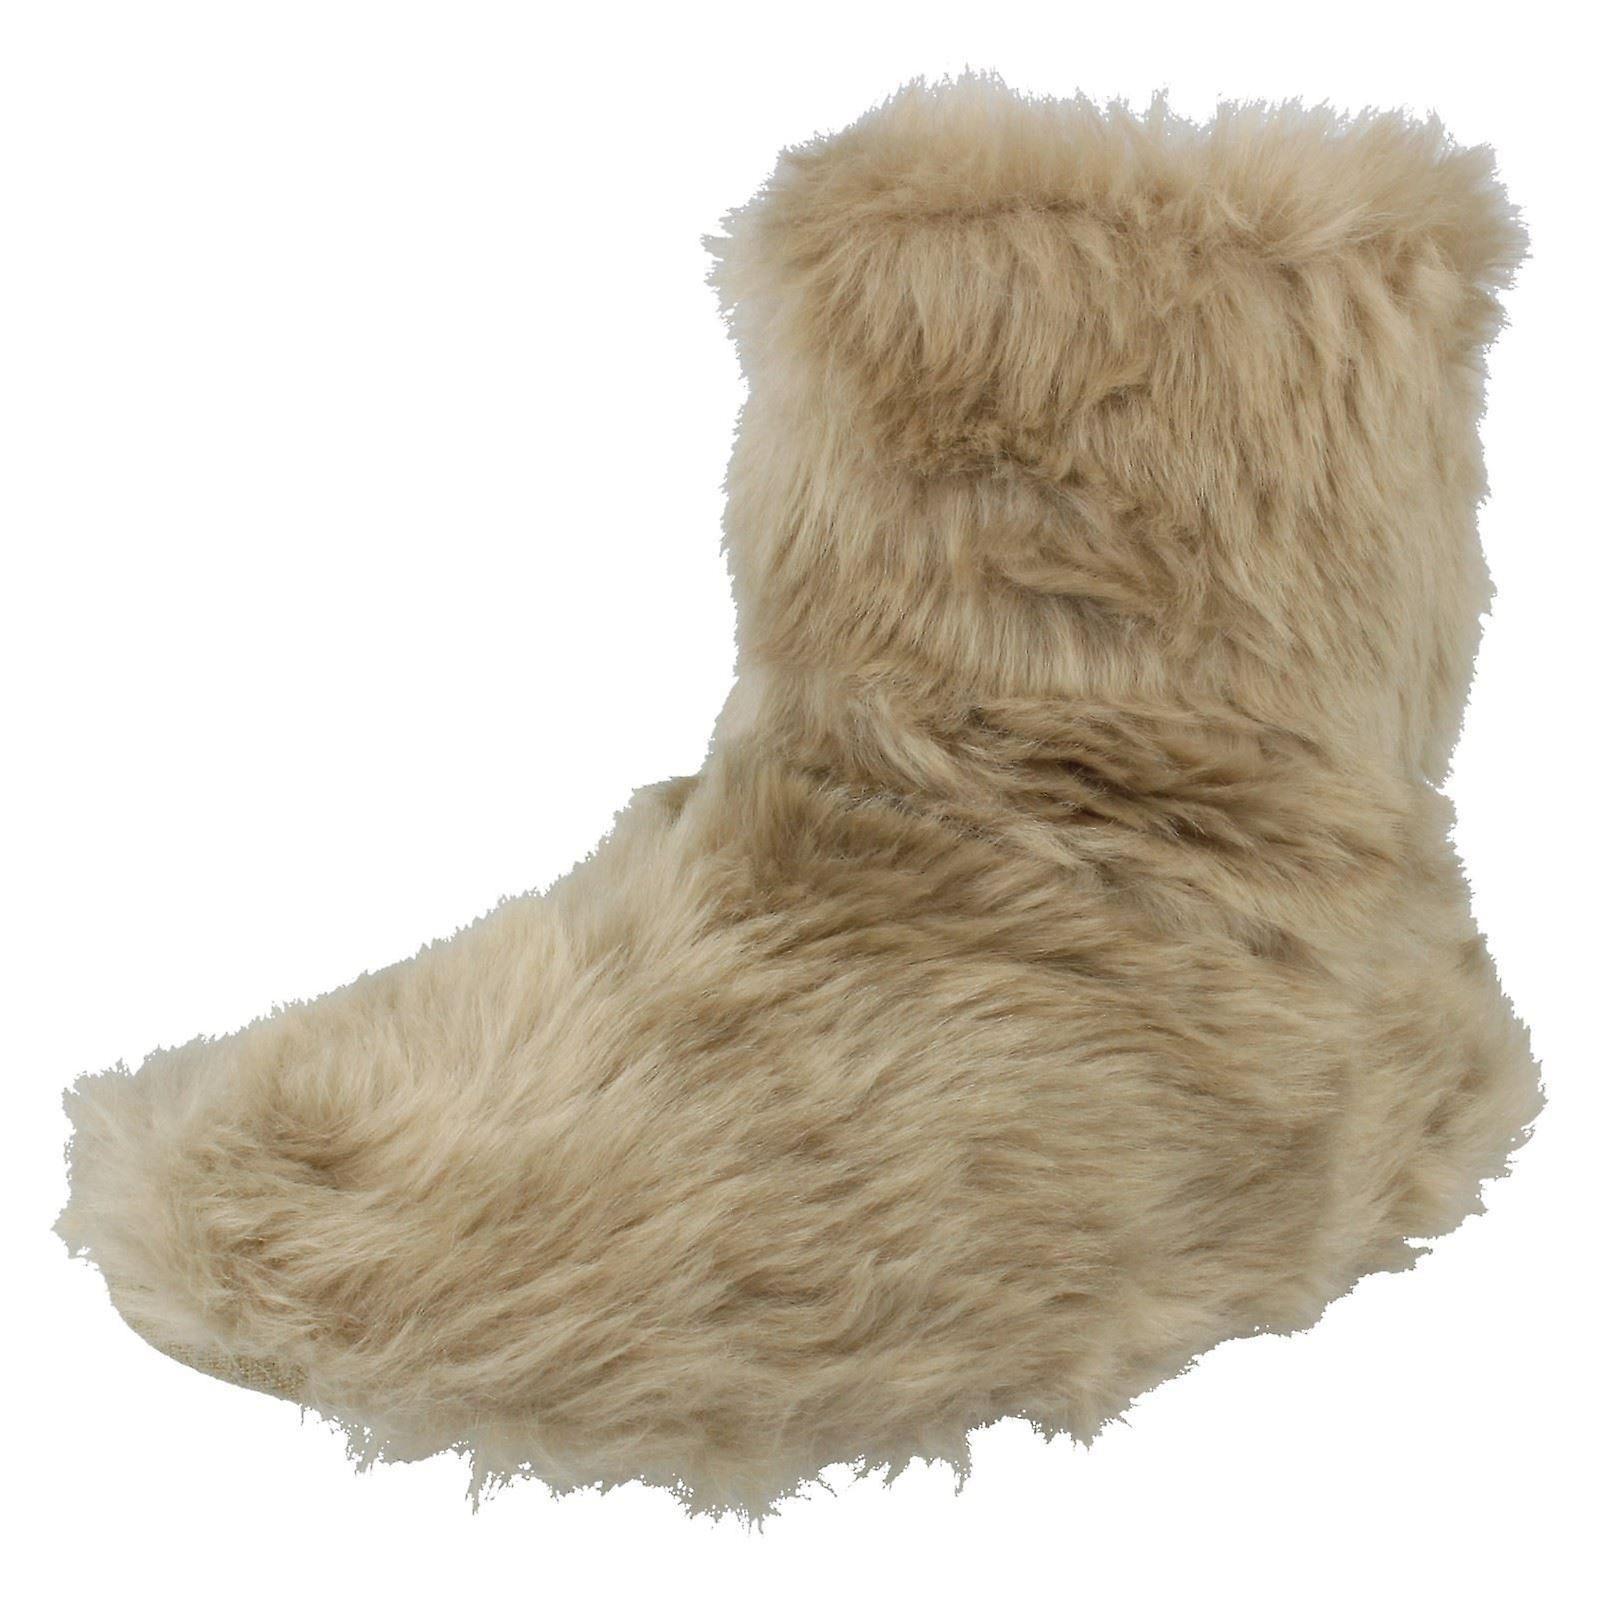 Ladies Eaze Boot pantofole X2081 - visone tessile - UK dimensione 7/8 - EU Taglia 40/41 - US dimensioni 8/9